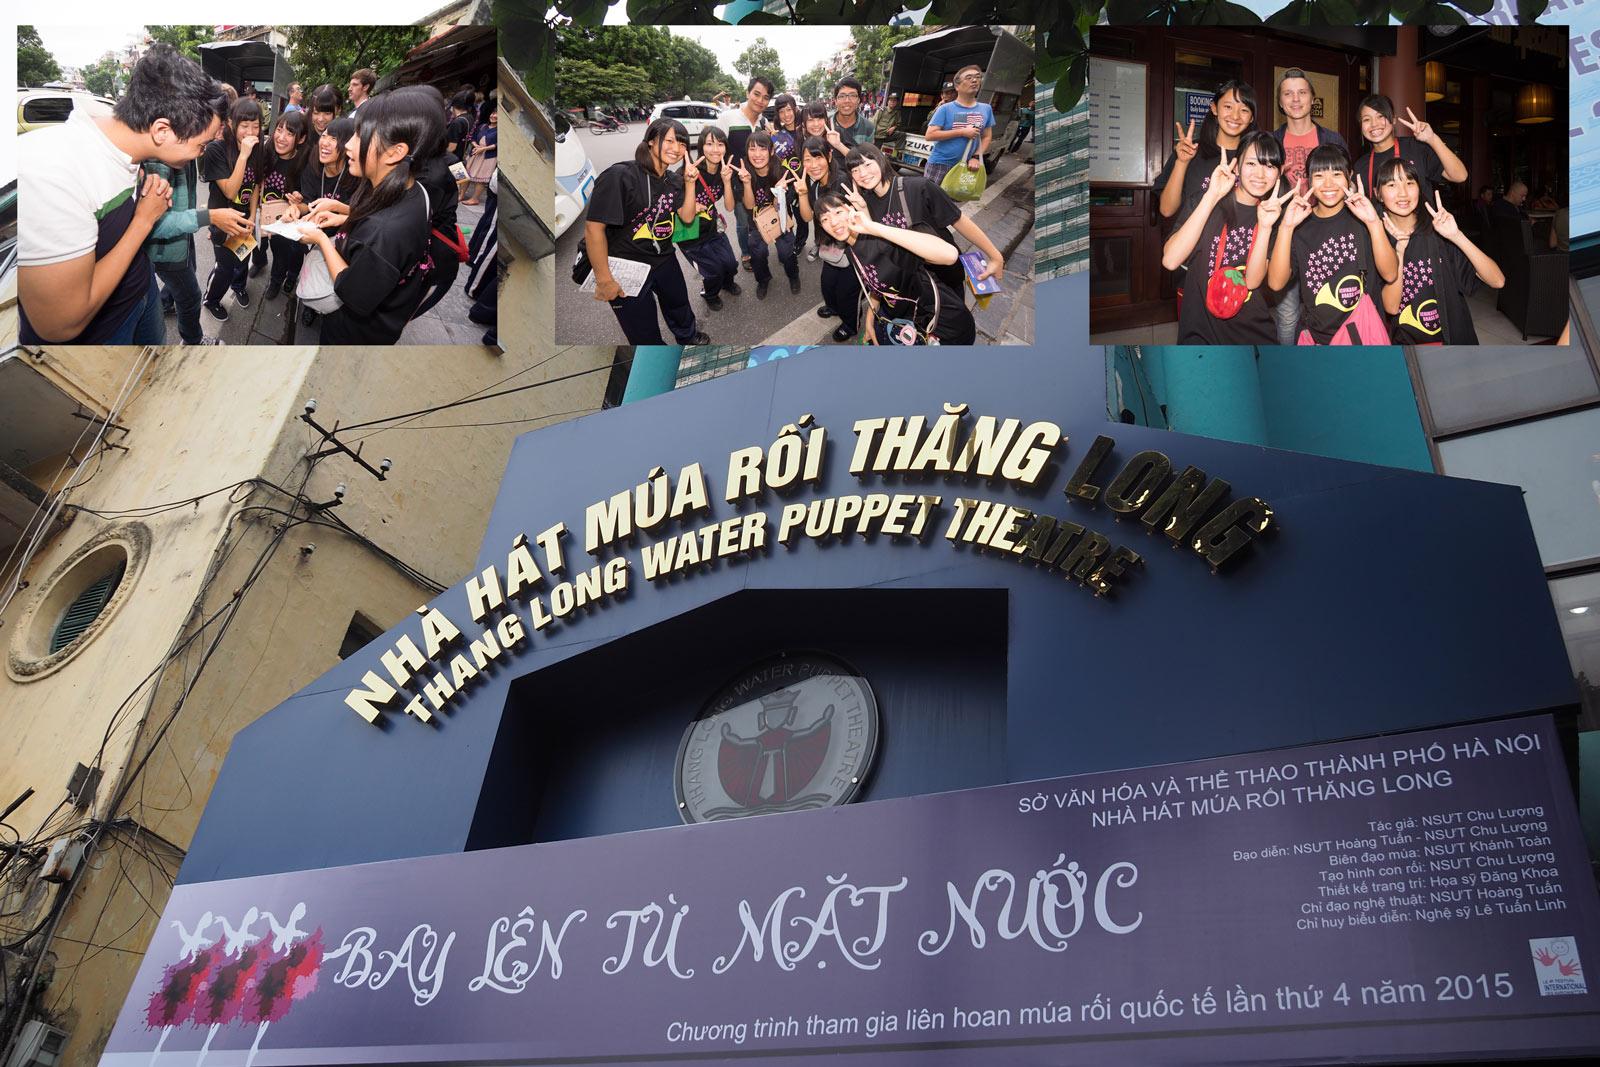 ベトナム観光の日・24時には帰国の飛行機です。_a0271402_9244138.jpg